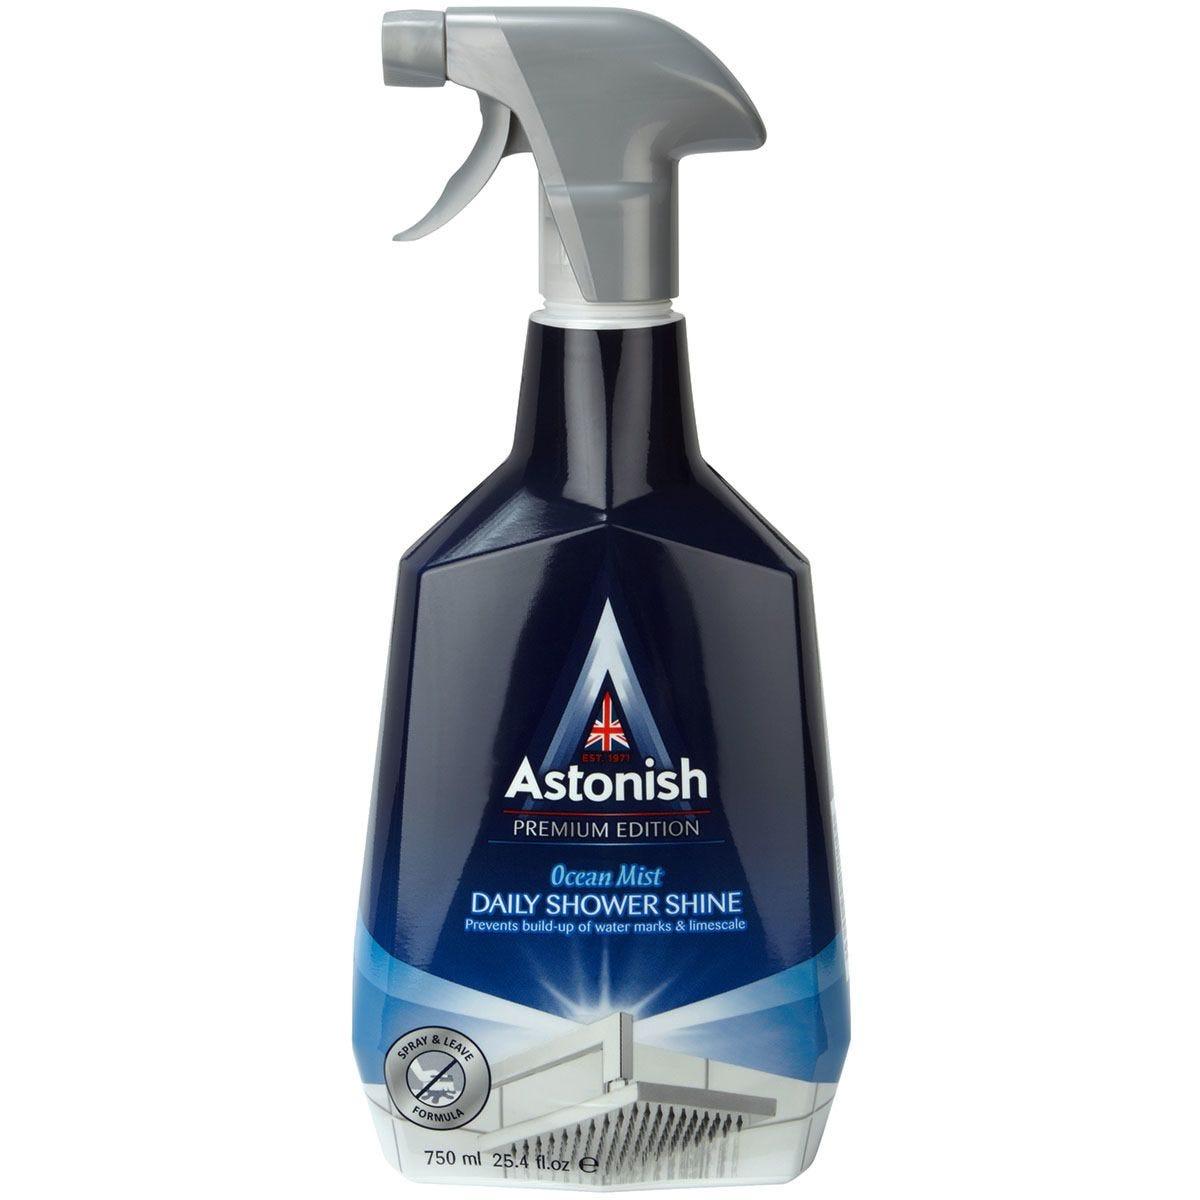 Astonish Premium Edition Daily Shower Shine Cleaner - 750ml